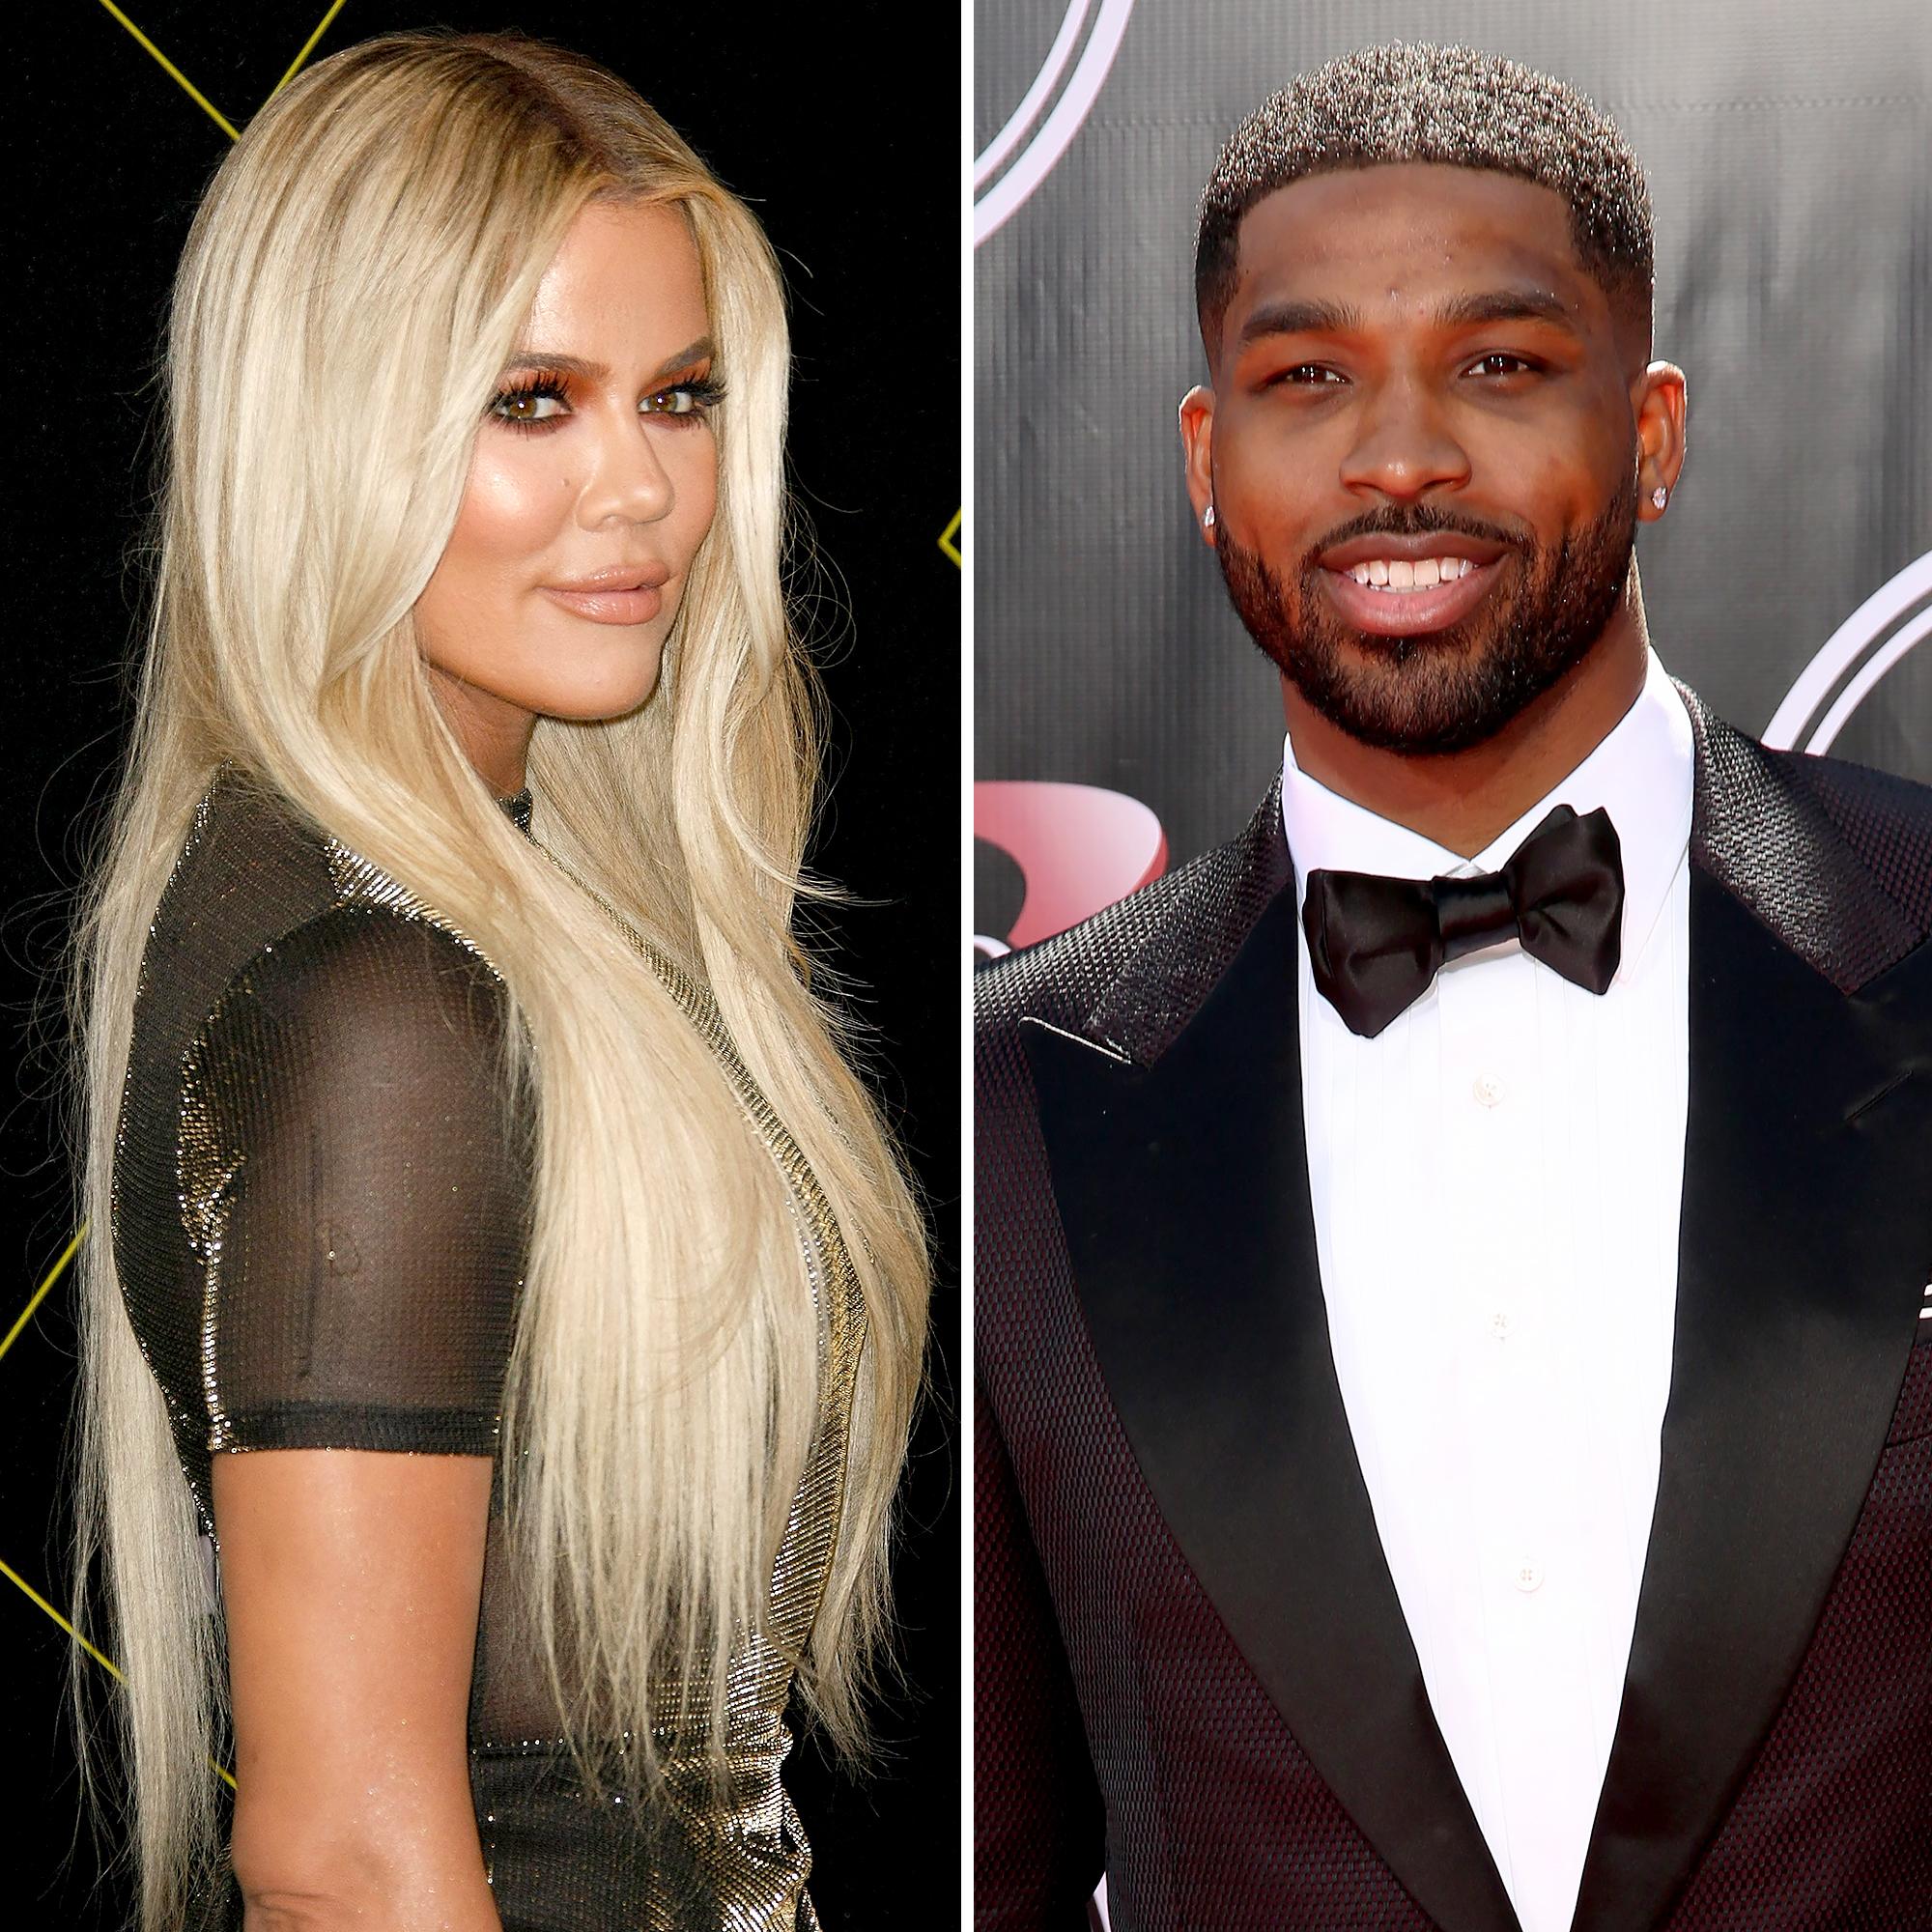 Why Khloe Kardashian Got Involved in Tristan Thompsons Paternity Drama